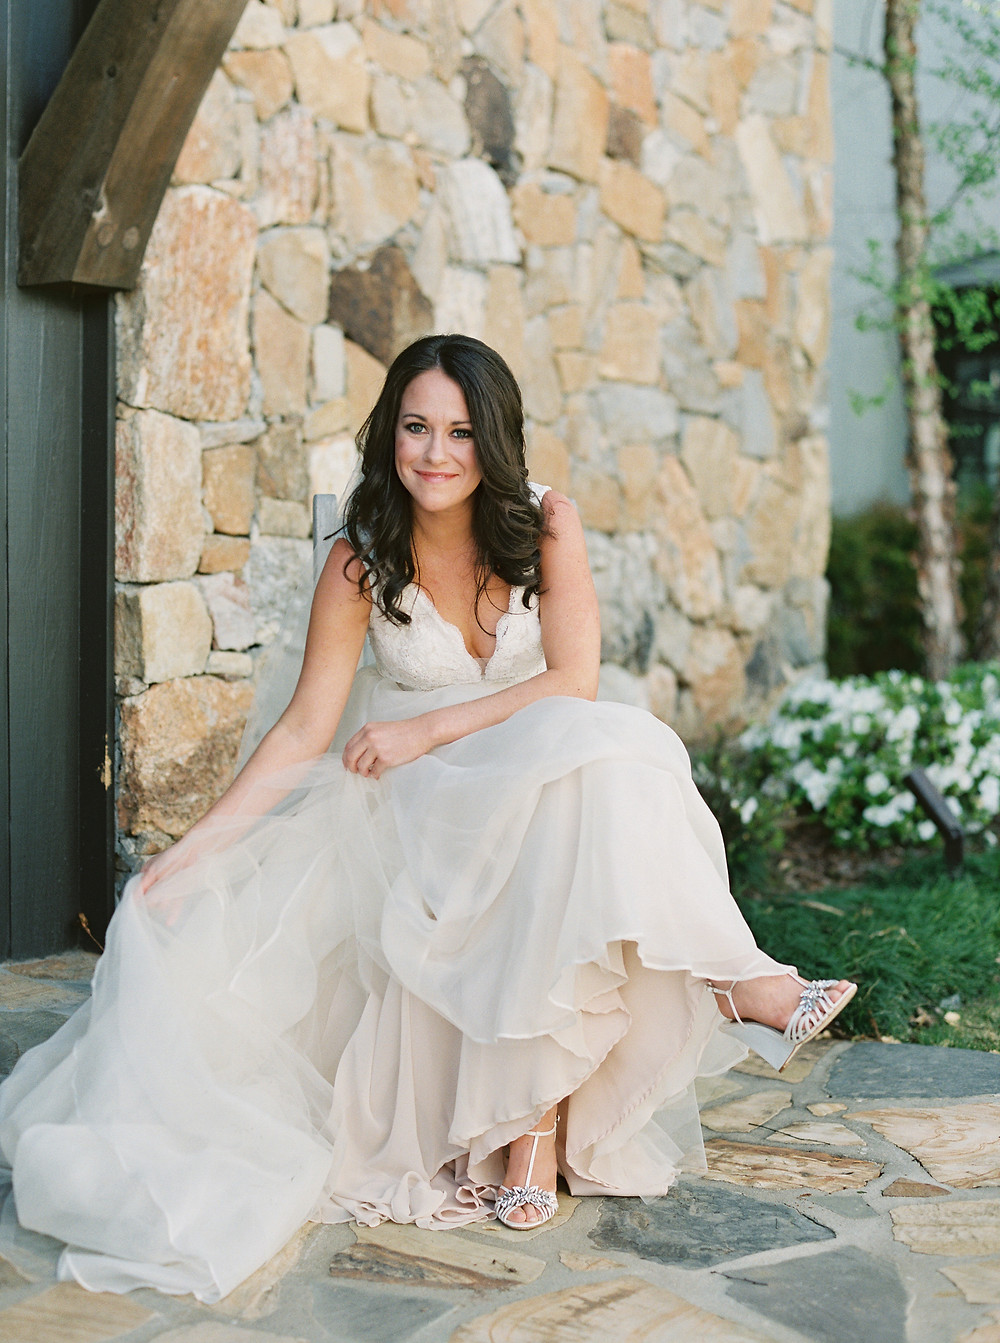 lake martin, al bride